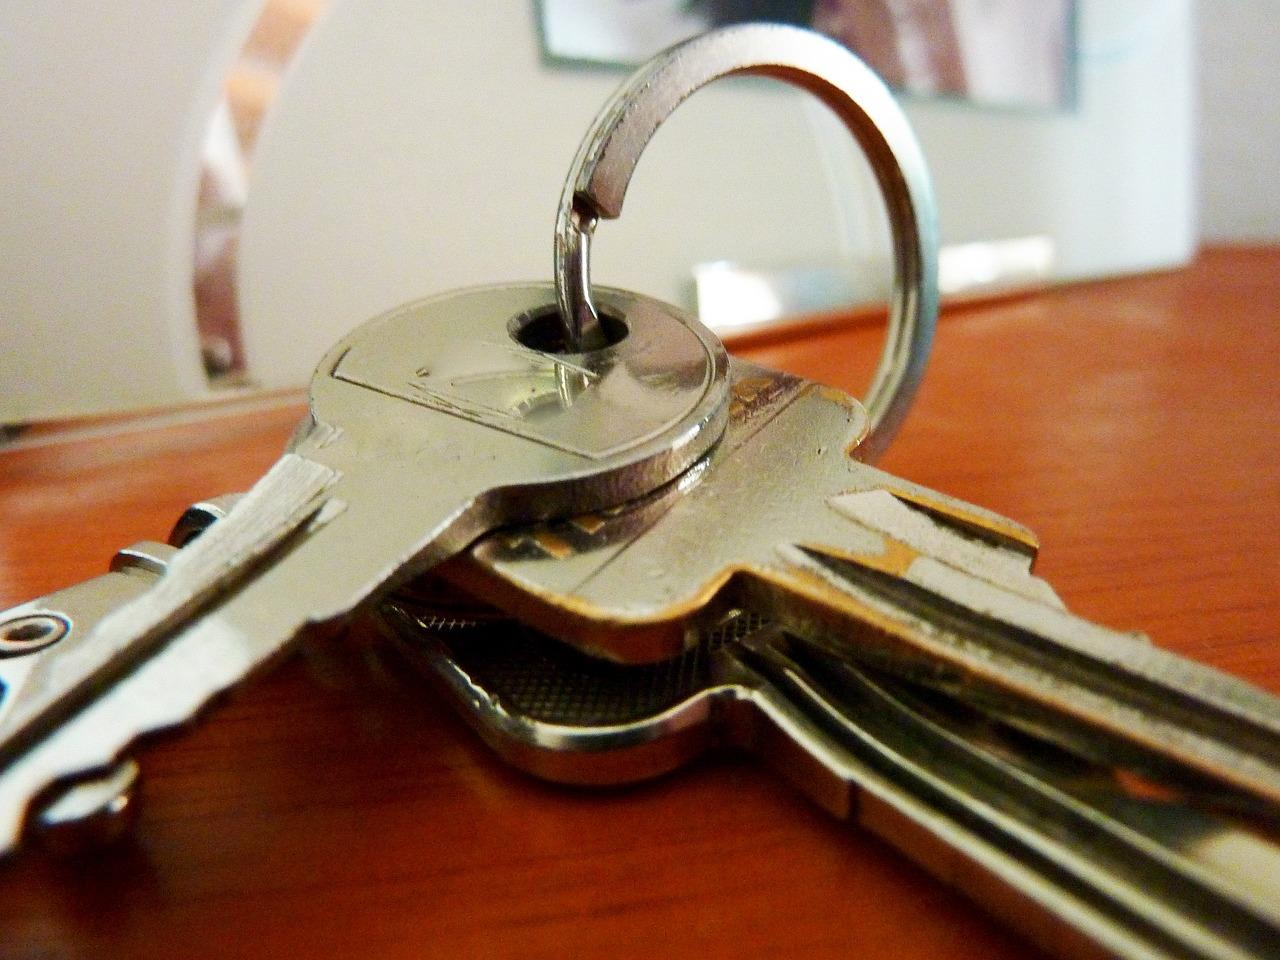 Квартира в залог: где выгоднее получить кредит